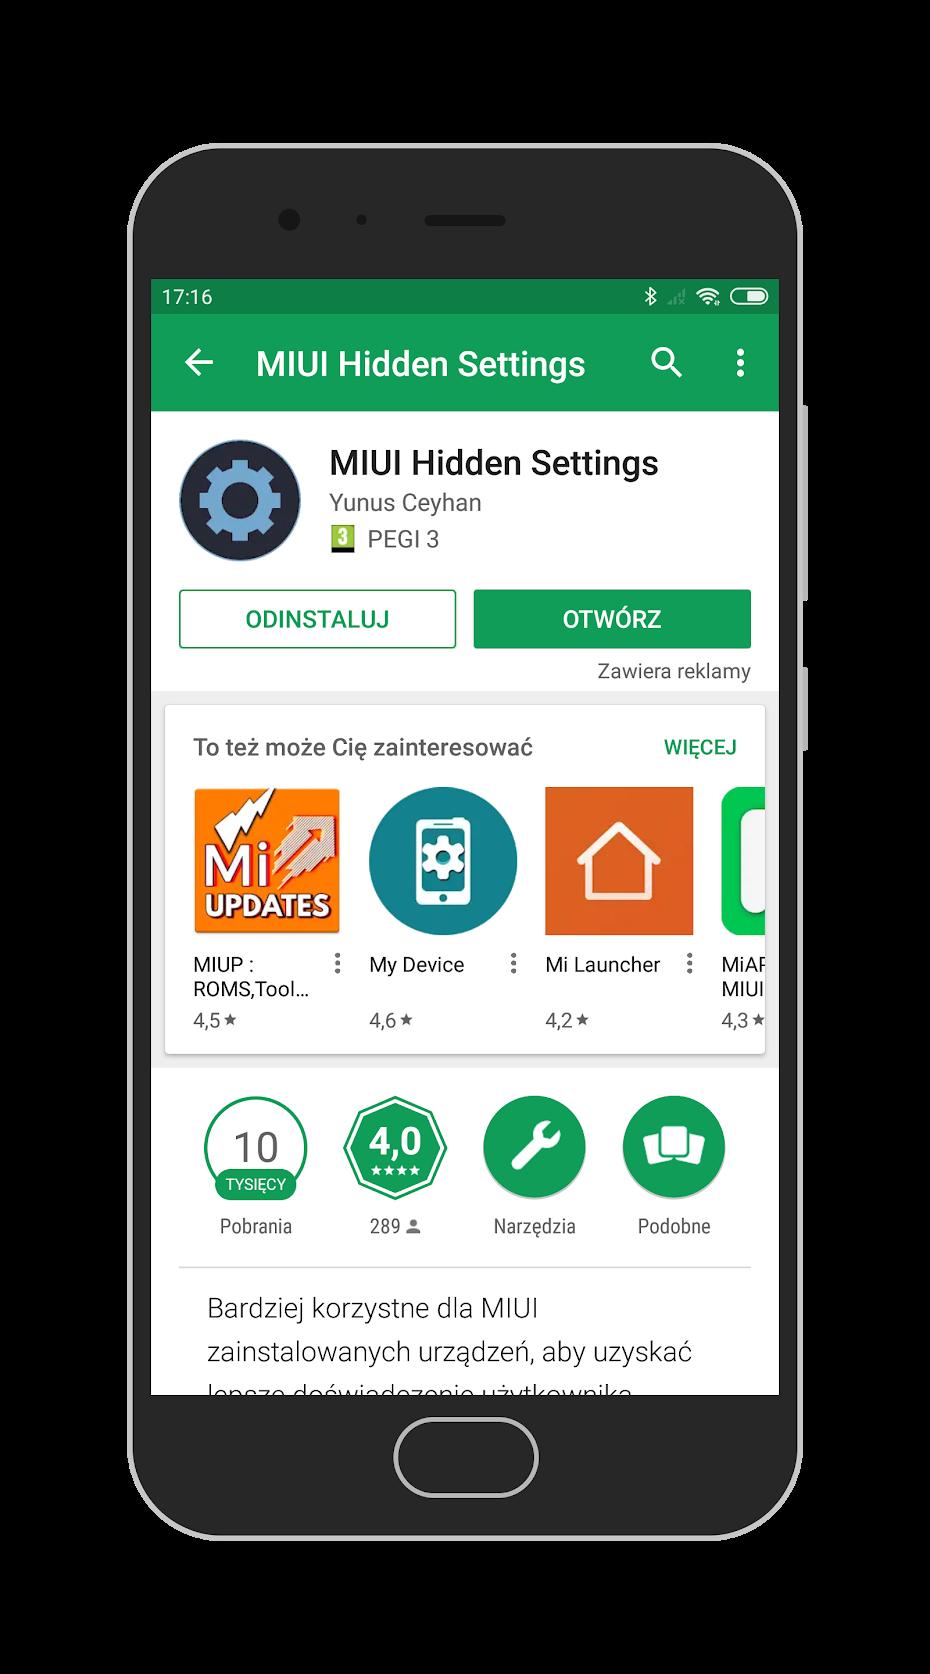 XDA стварыў прыкладанне, якое дазваляе атрымаць доступ да ўтоеных магчымасцях ў мабільным Xiaomi